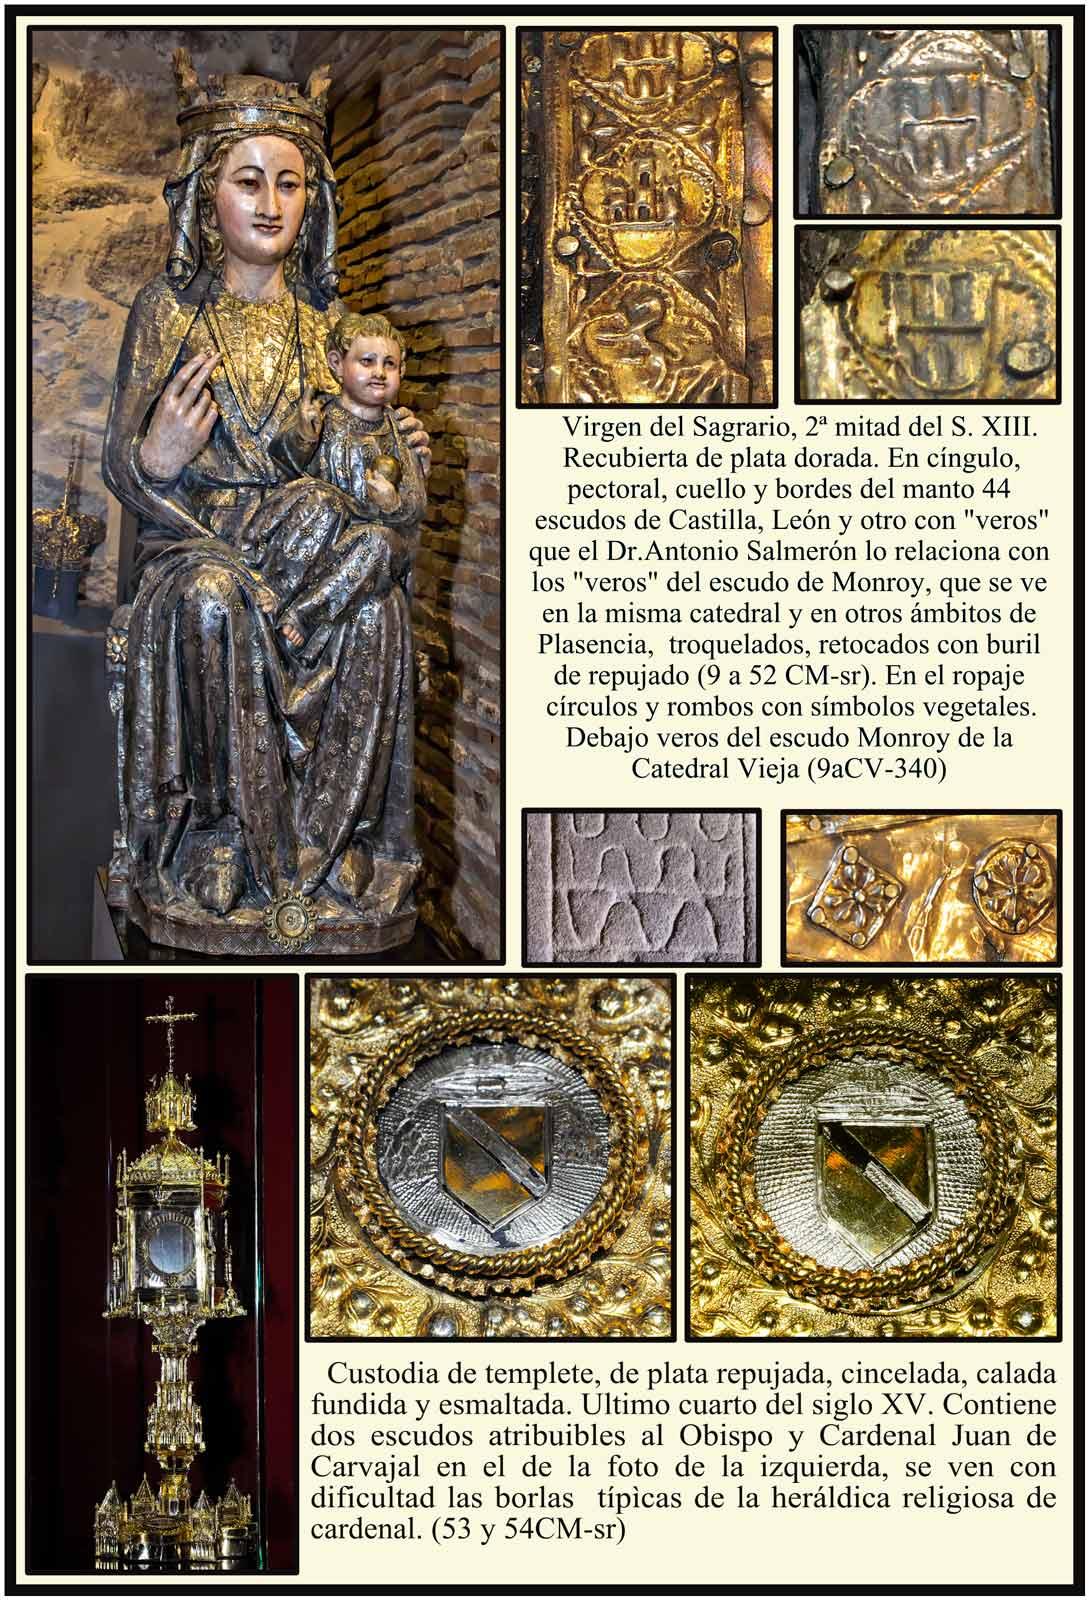 Catedral Virgen del Sagrario del siglo XIII con escudos Castilla Leon y Monroy